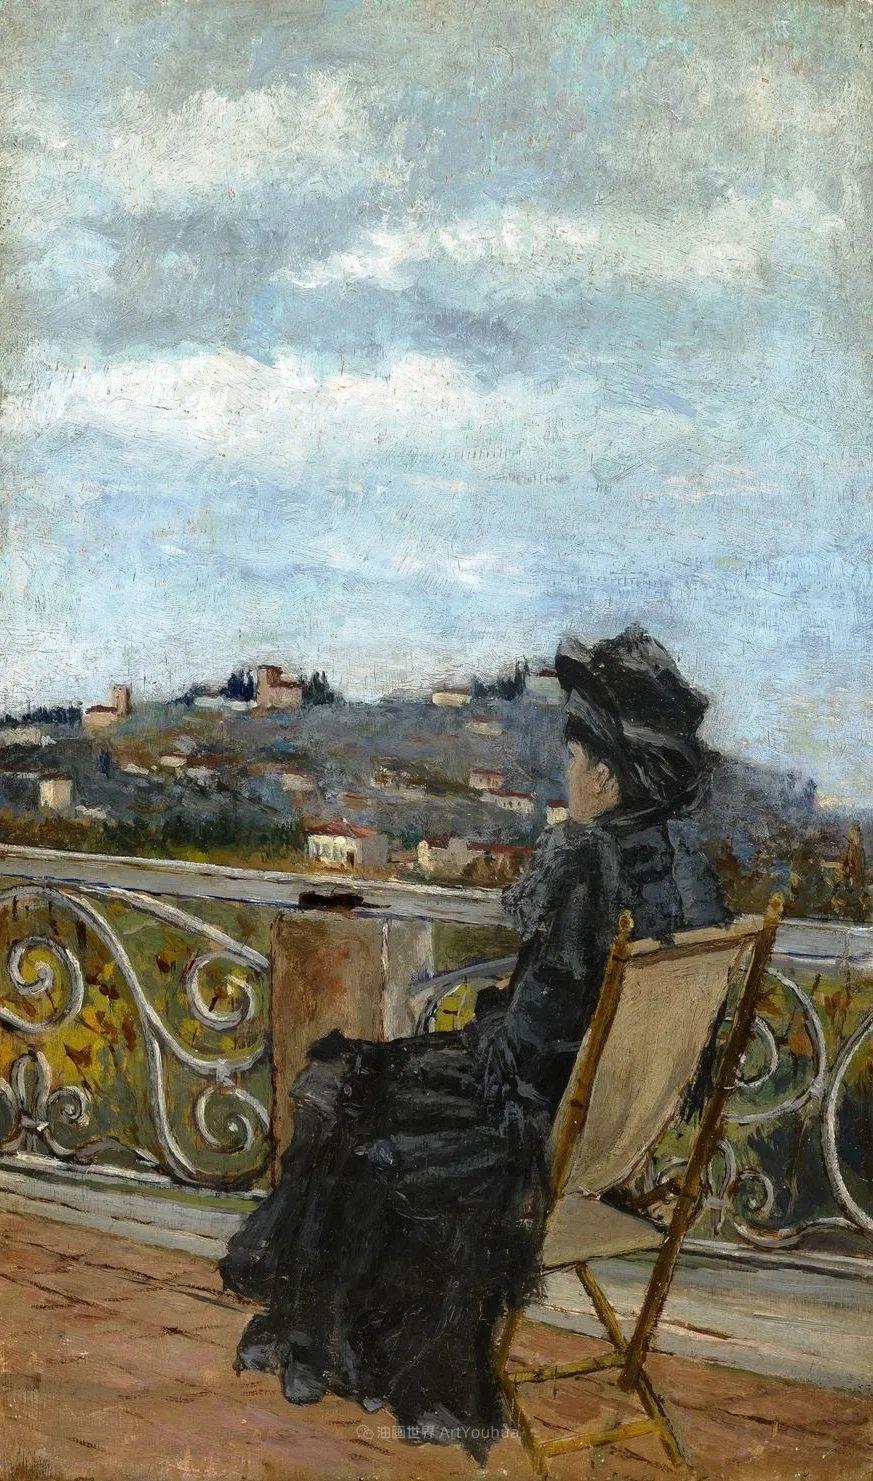 后斑痕画派,意大利画家乌尔维·利吉插图33